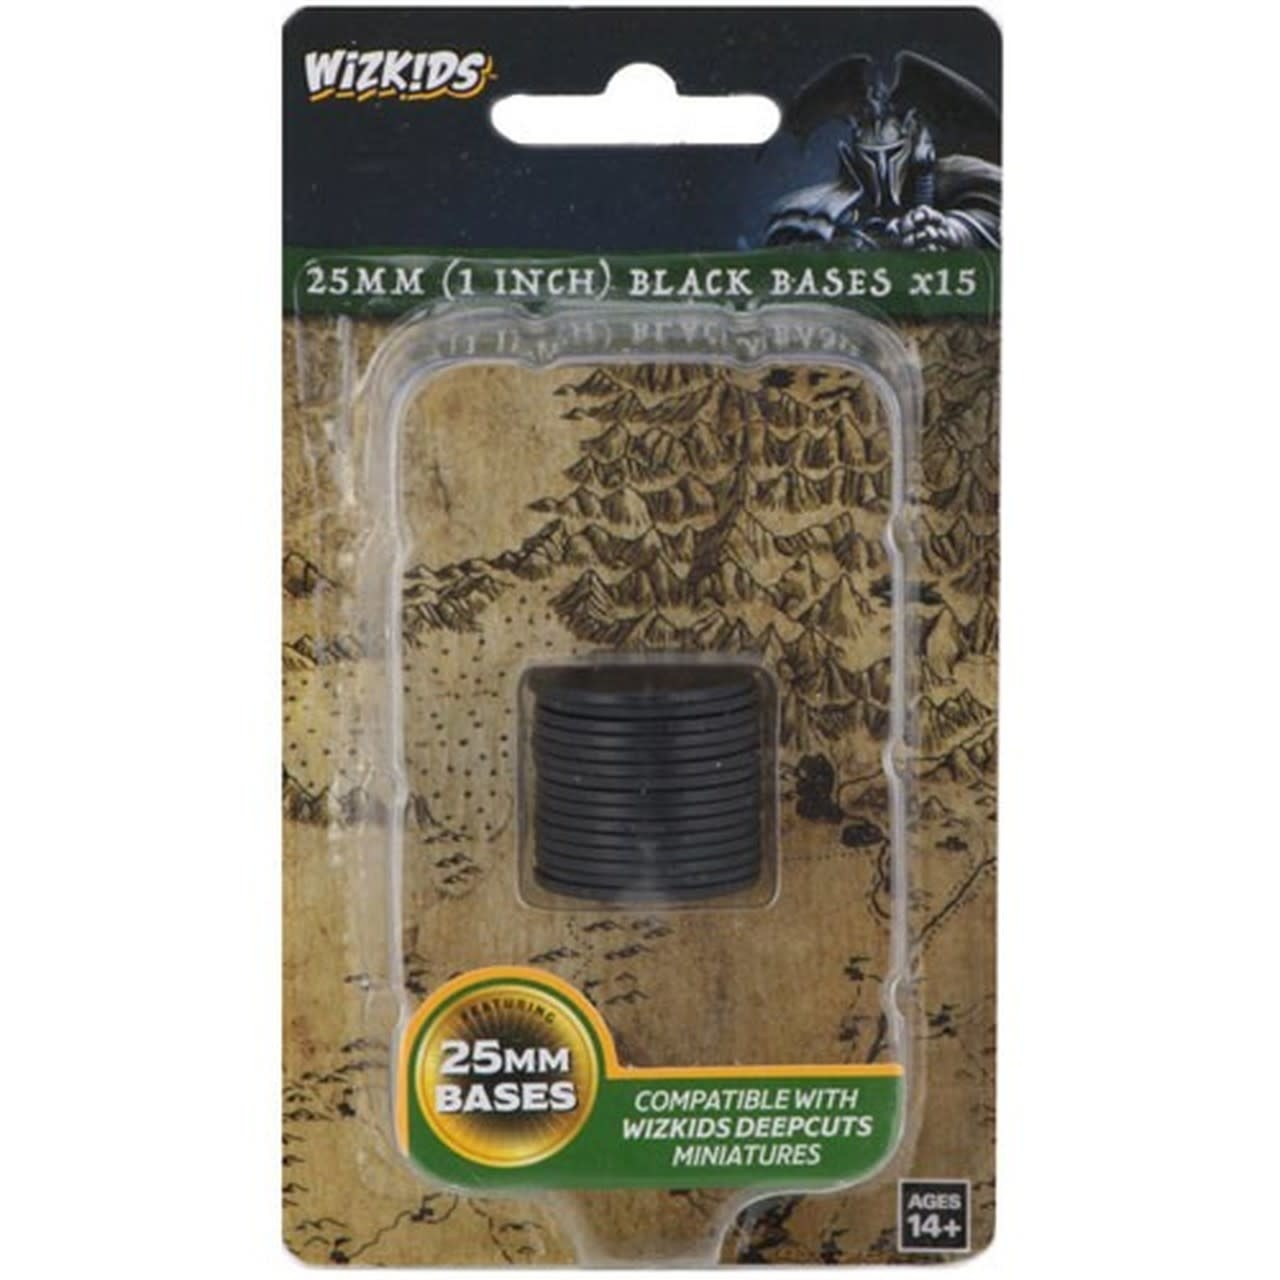 Wizkids Deep Cuts Black 25mm Round Base